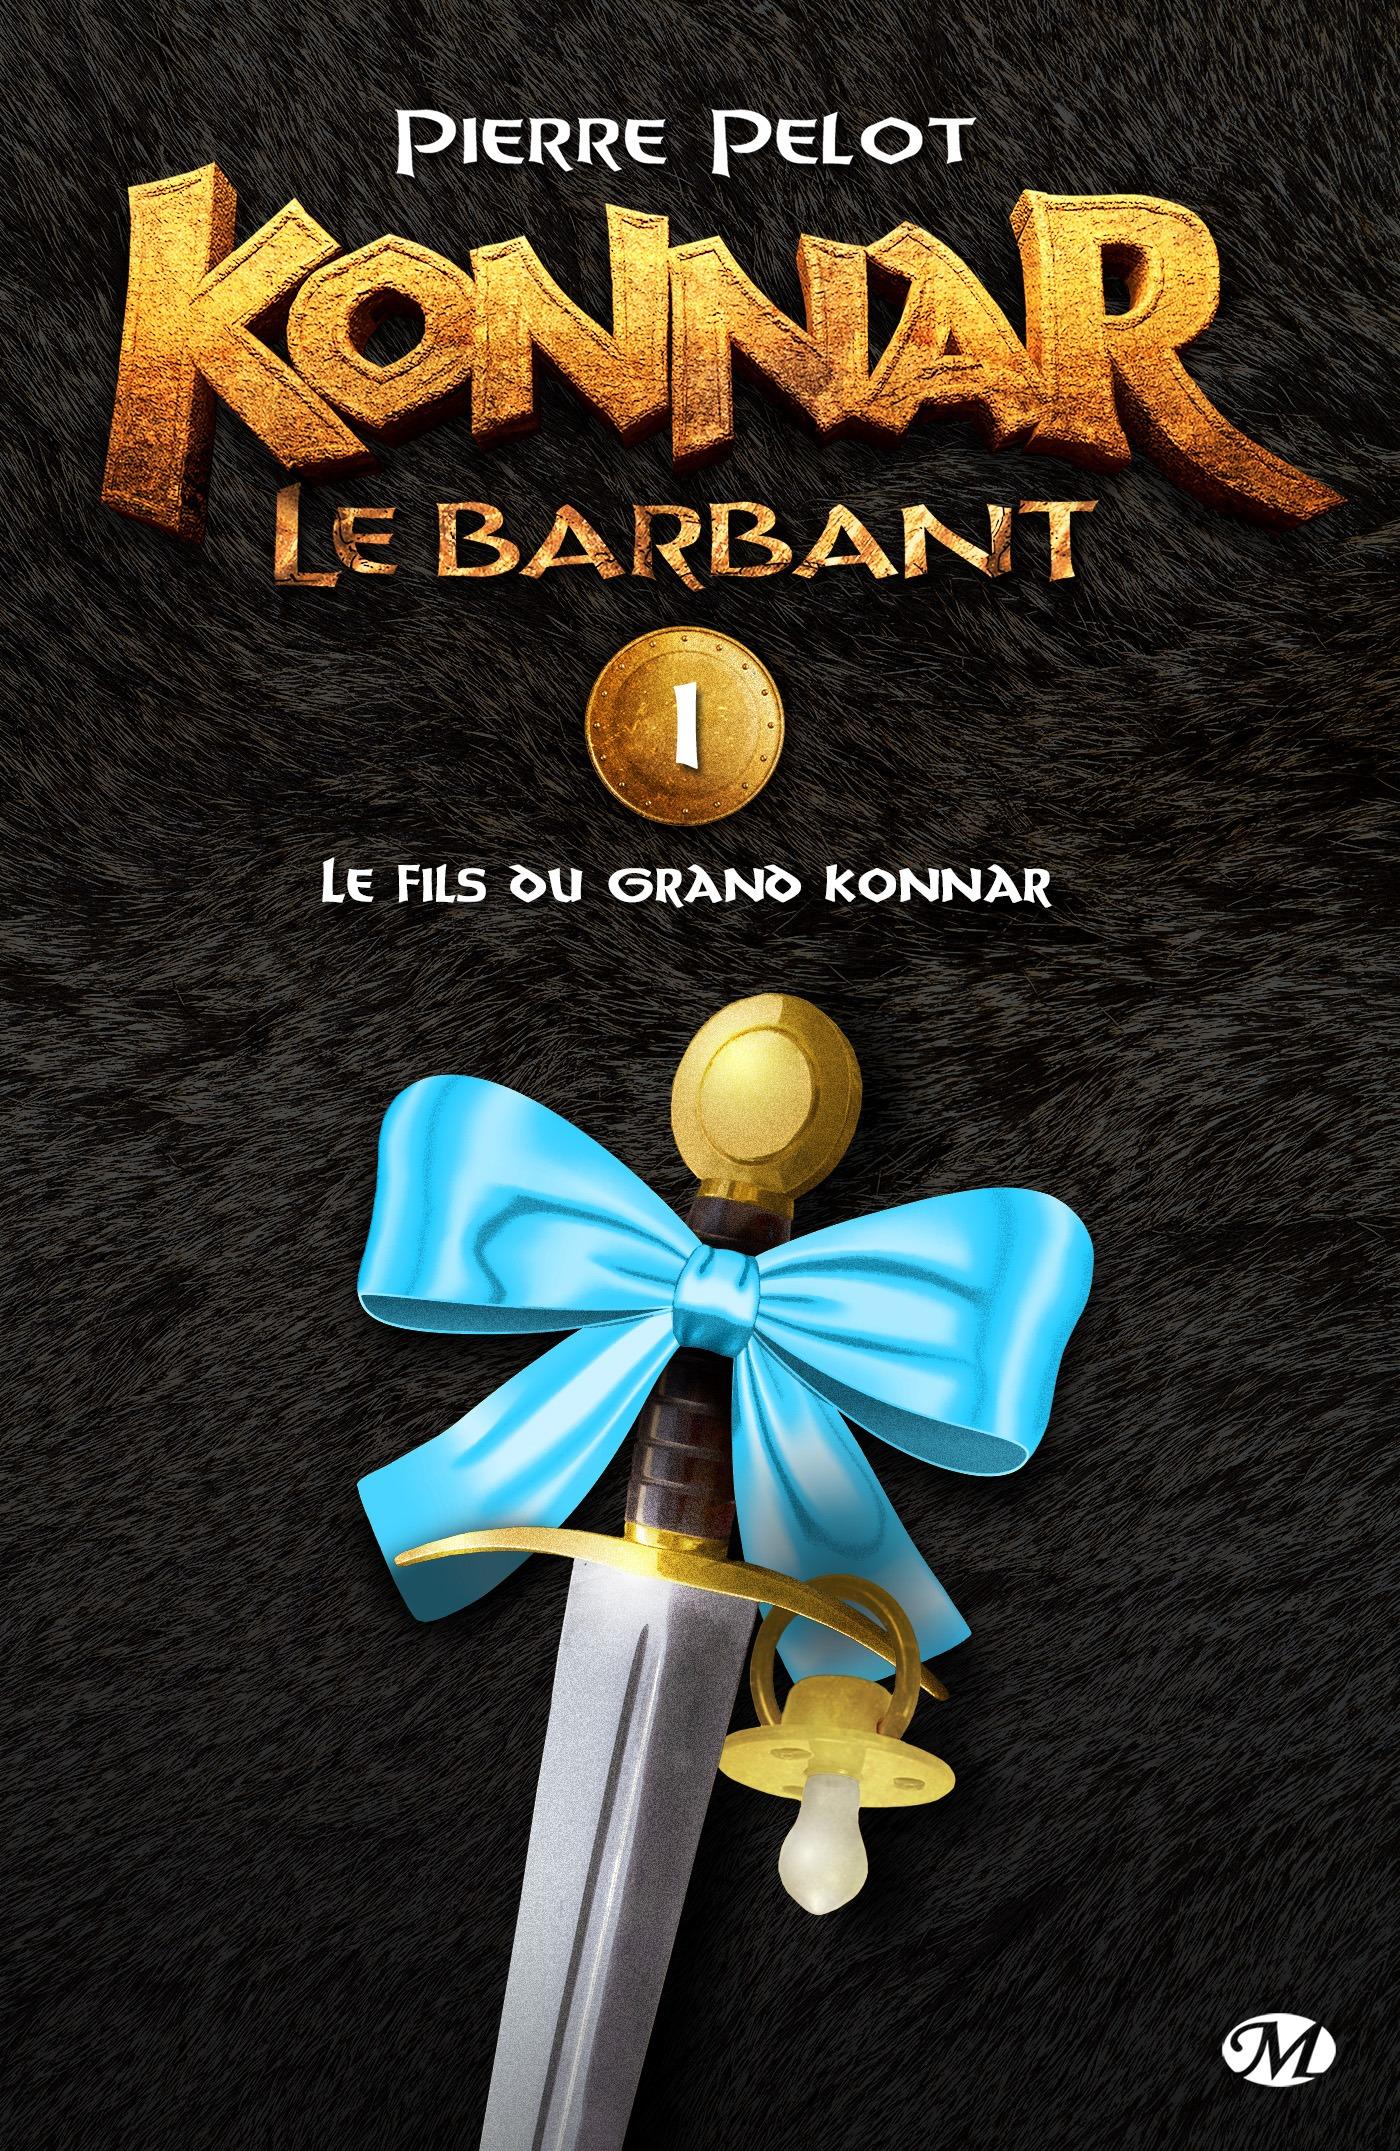 Le Fils du Grand Konnar, KONNAR LE BARBANT, T1